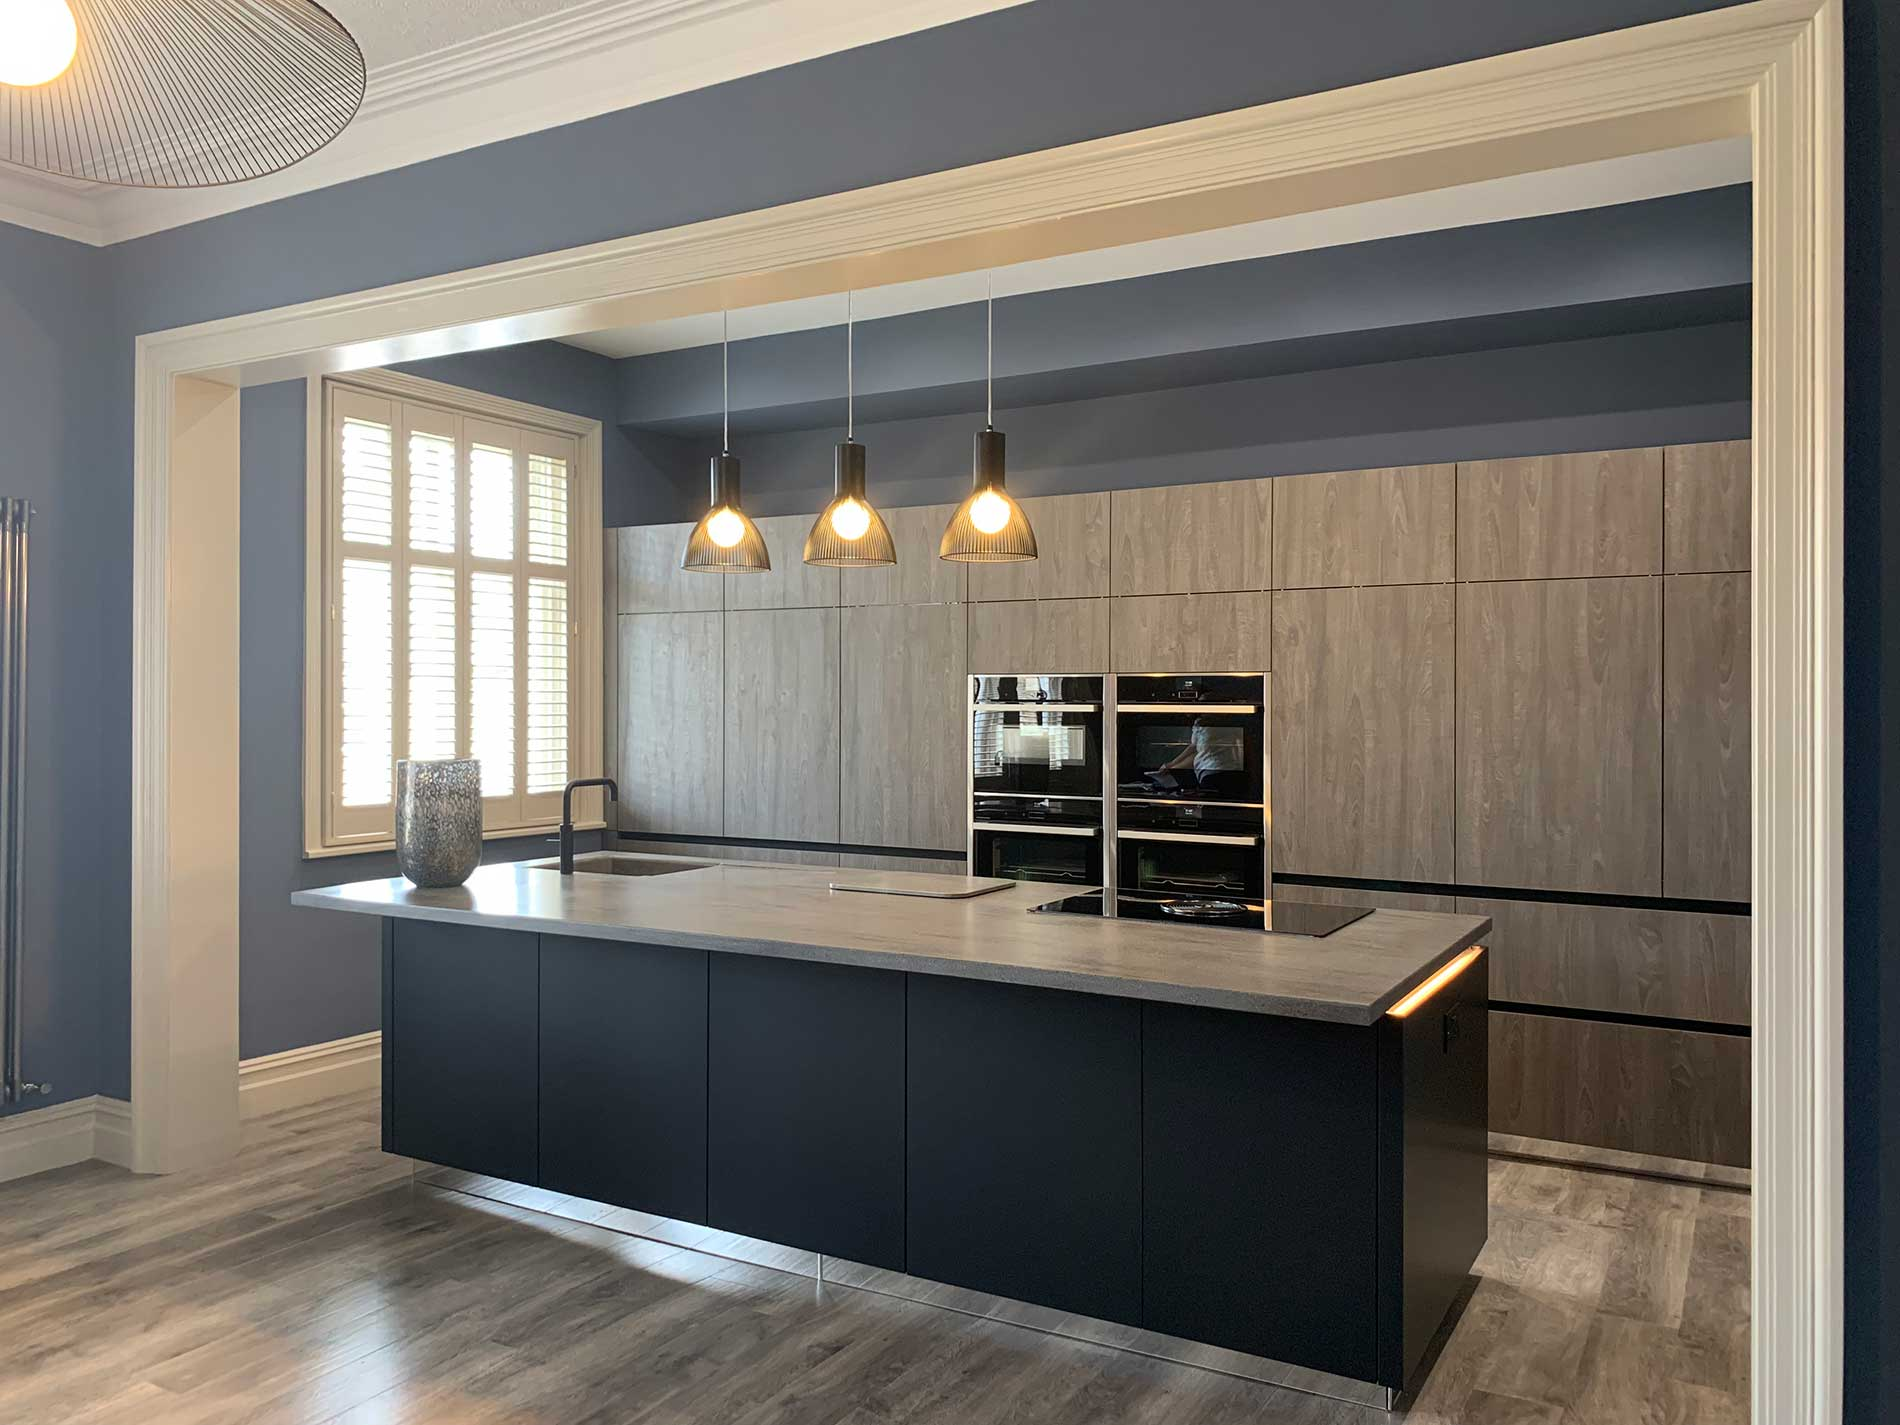 New Bauformat kitchen in Halifax | Concept17 Kitchens